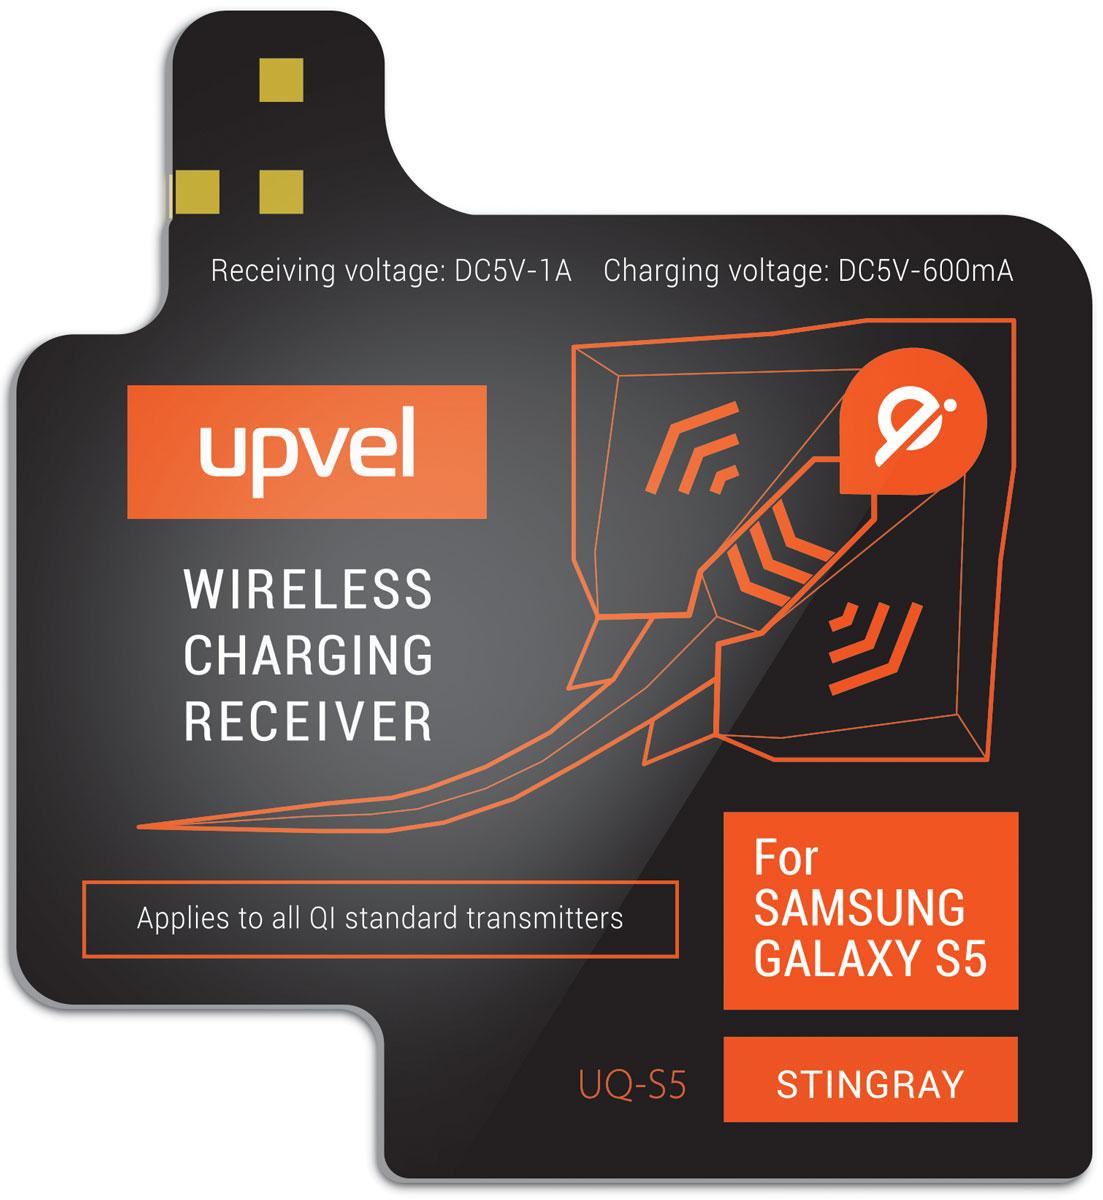 UPVEL UQ-S5 Stingray для Samsung Galaxy S5, Black модуль-приемник беспроводной зарядки стандарта QiUQ-S5 STINGRAYUPVEL UQ-NT4 позволяет заряжать Samsung Galaxy S5 при помощи беспроводных зарядных устройств стандарта Qi. Плоский модуль беспроводной зарядки фиксируется на аккумуляторной батарее смартфона, под задней крышкой. Устройство не влияет на нормальную работу смартфона и не изменяет его внешний вид. Рабочее расстояние: до 5-7 мм Эффективность: 500 мАч Стандарты: WPC